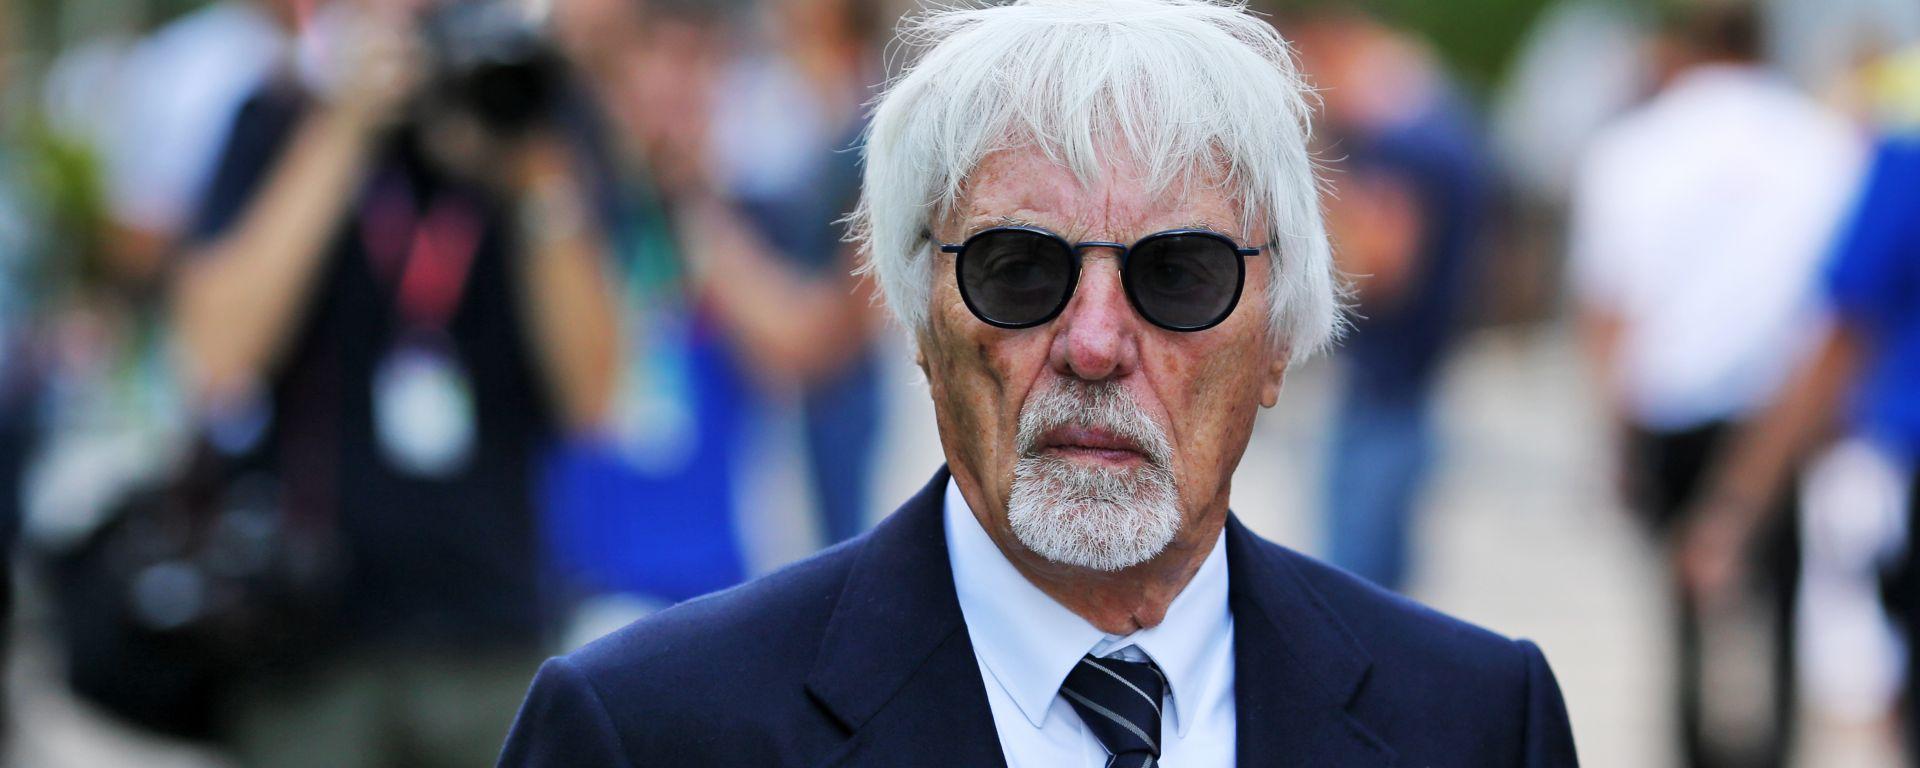 GP Russia 2020, Sochi: Bernie Ecclestone